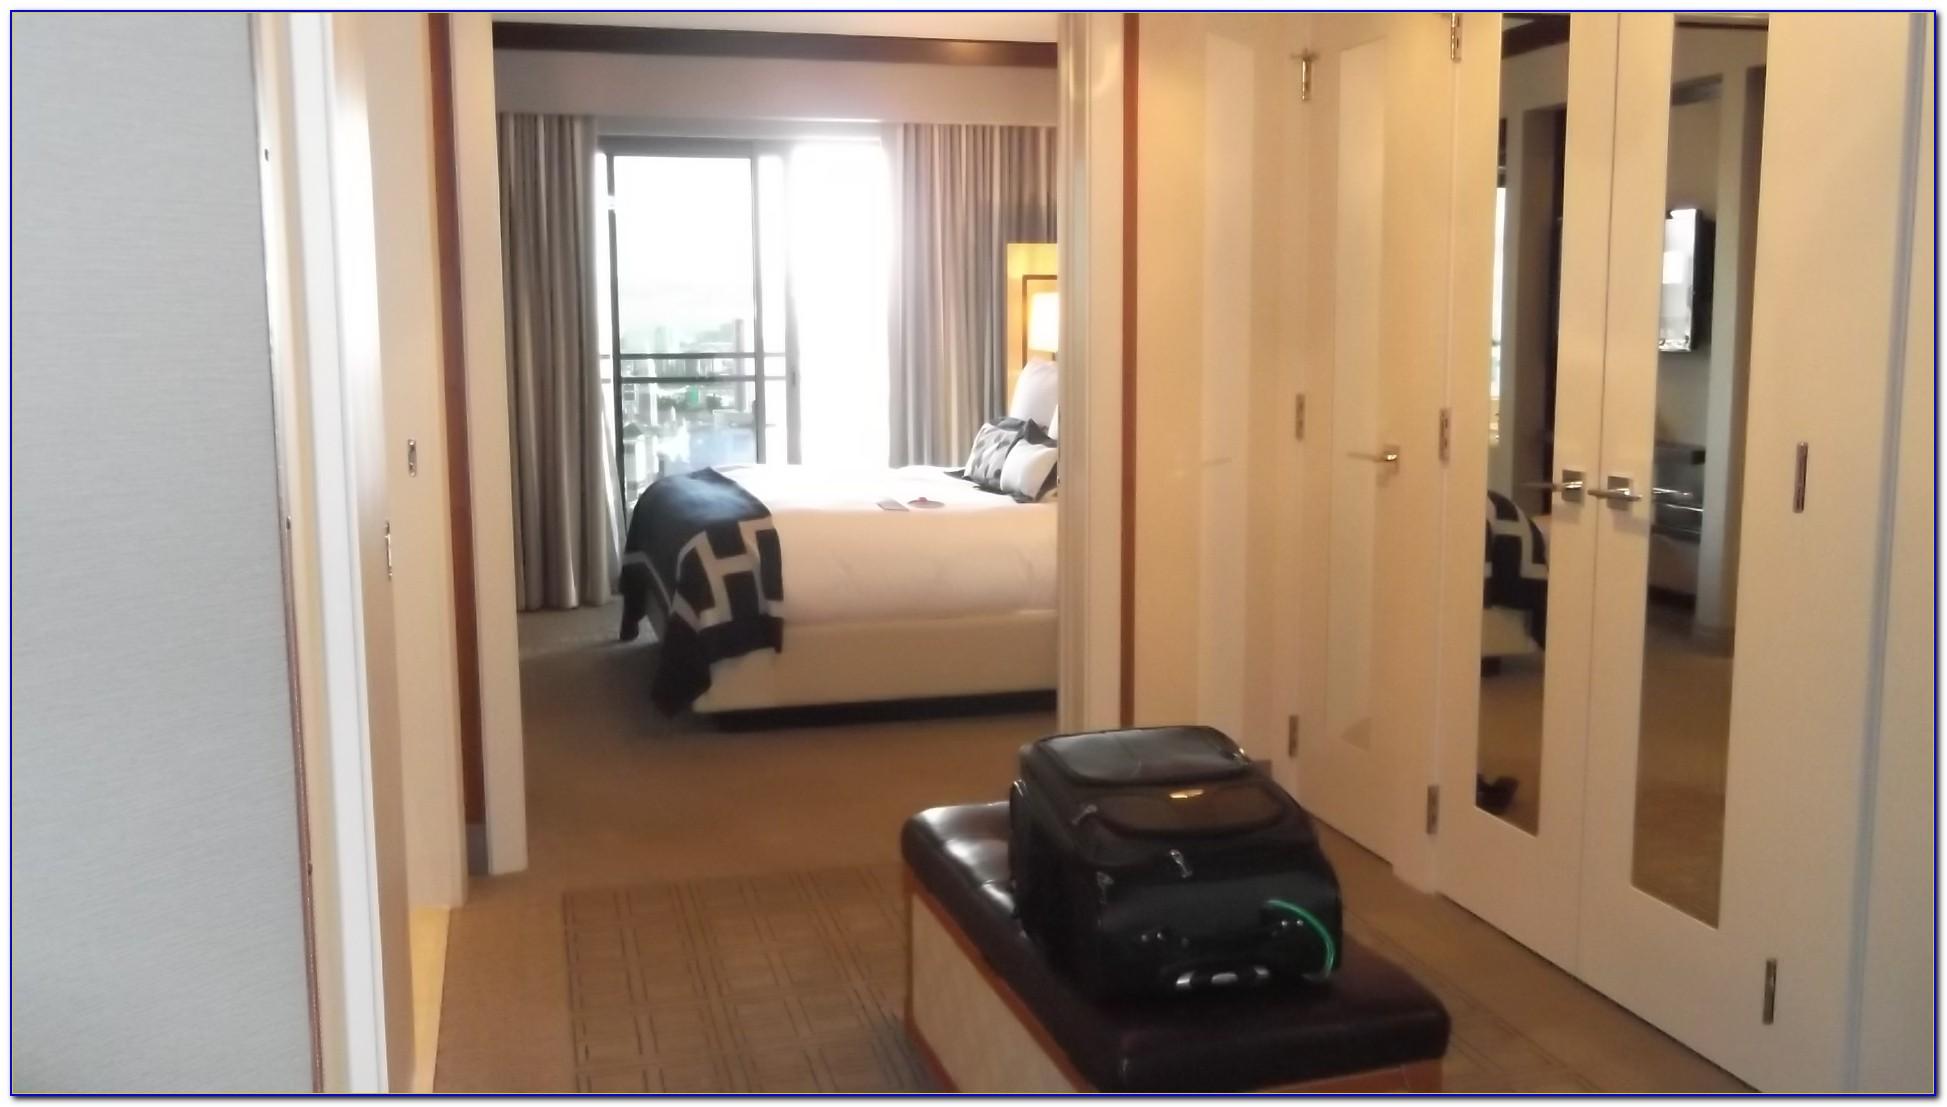 2 Bedroom Room In Las Vegas